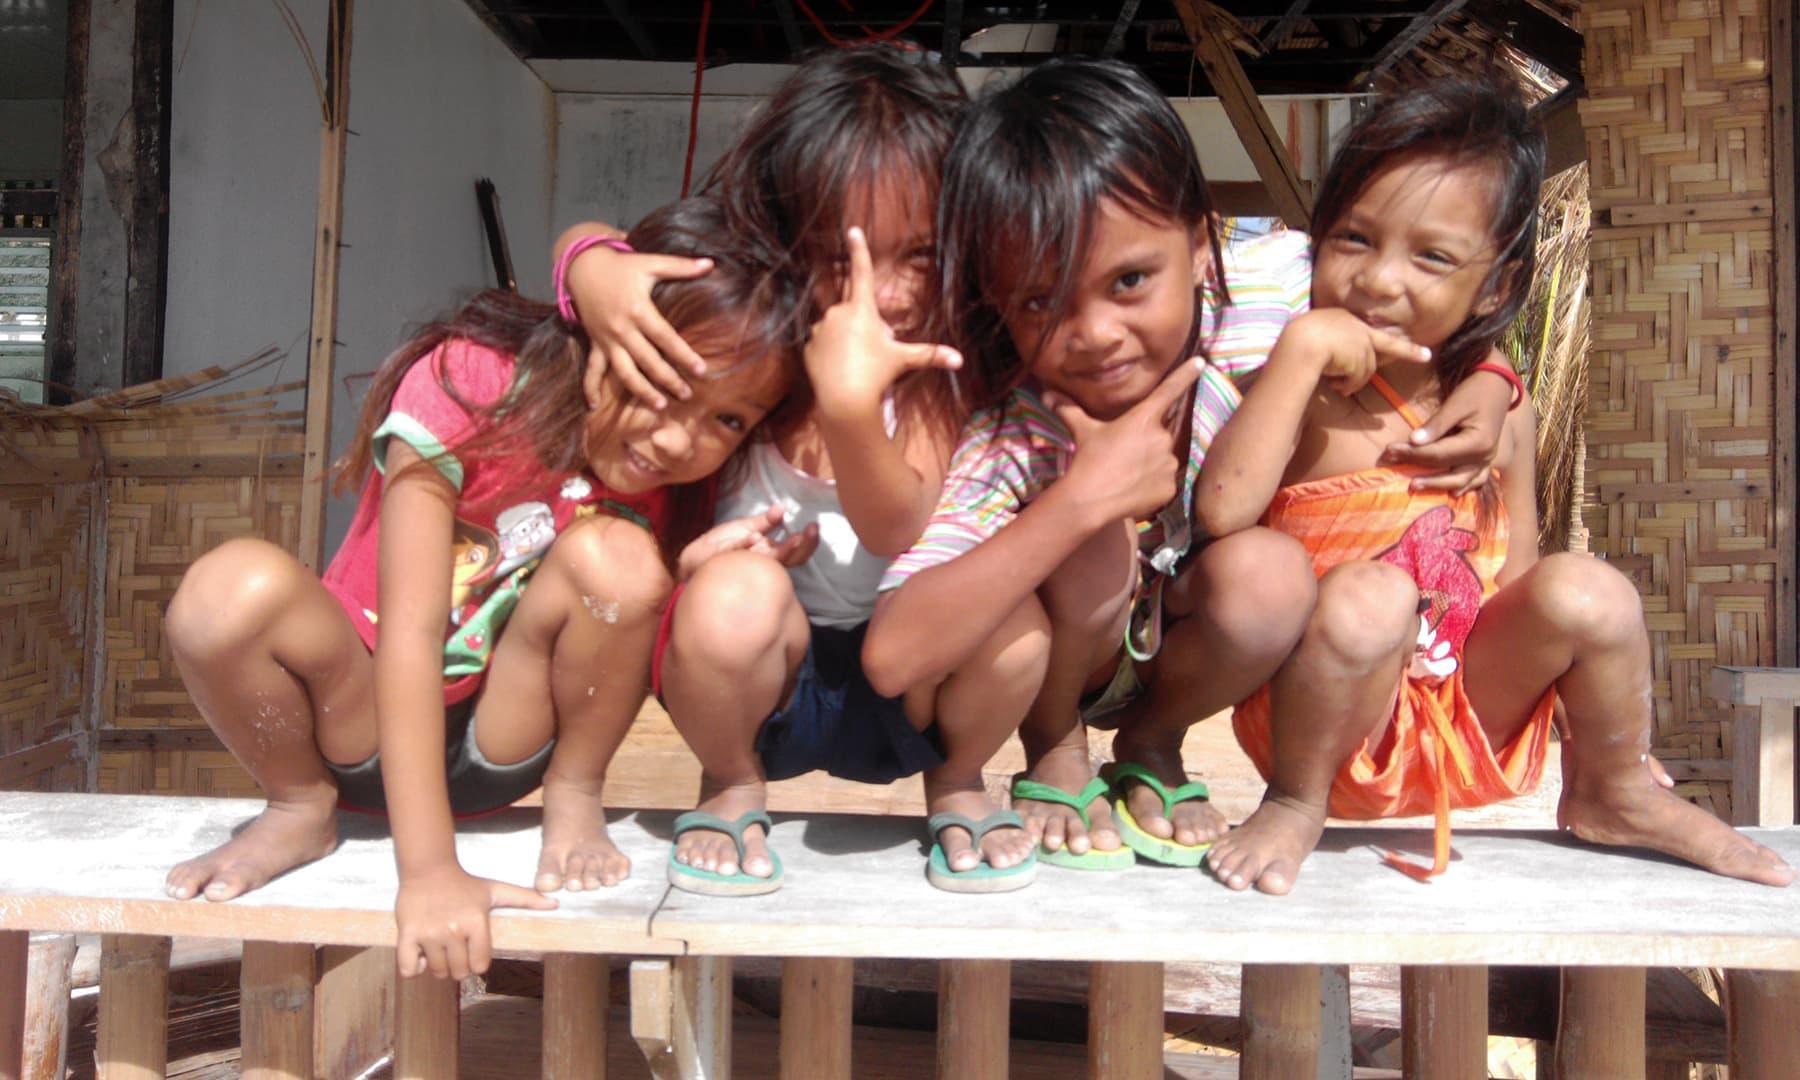 مالا پاسکوا میں بچوں کے چہروں پر حقیقی خوشی دیکھی—تصویر عظمت اکبر